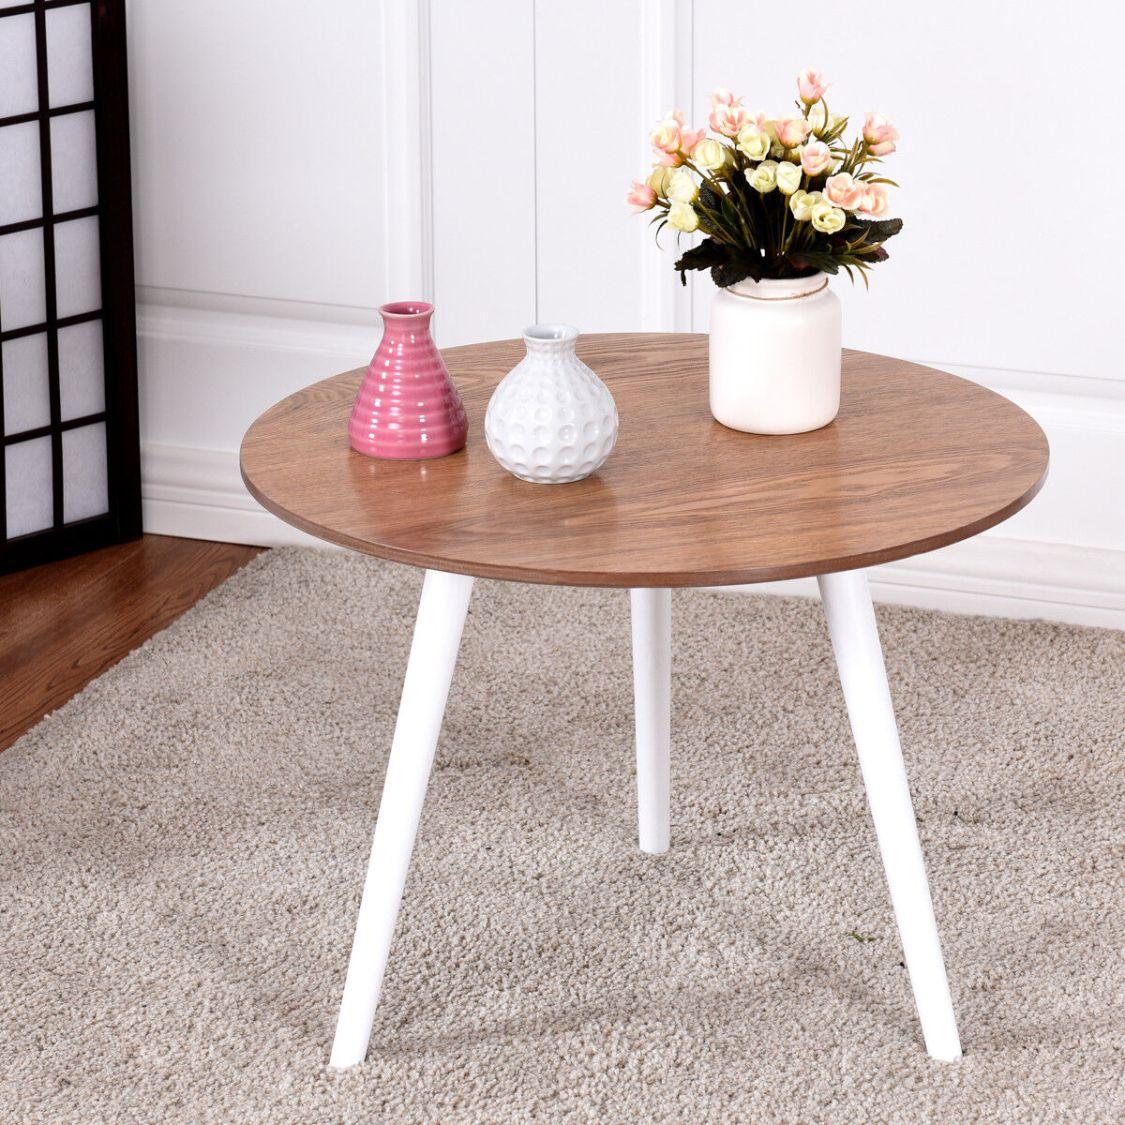 Design Couchtisch Kaffeetisch Sofatisch Beistelltisch Wohnzimmertisch Holz rund